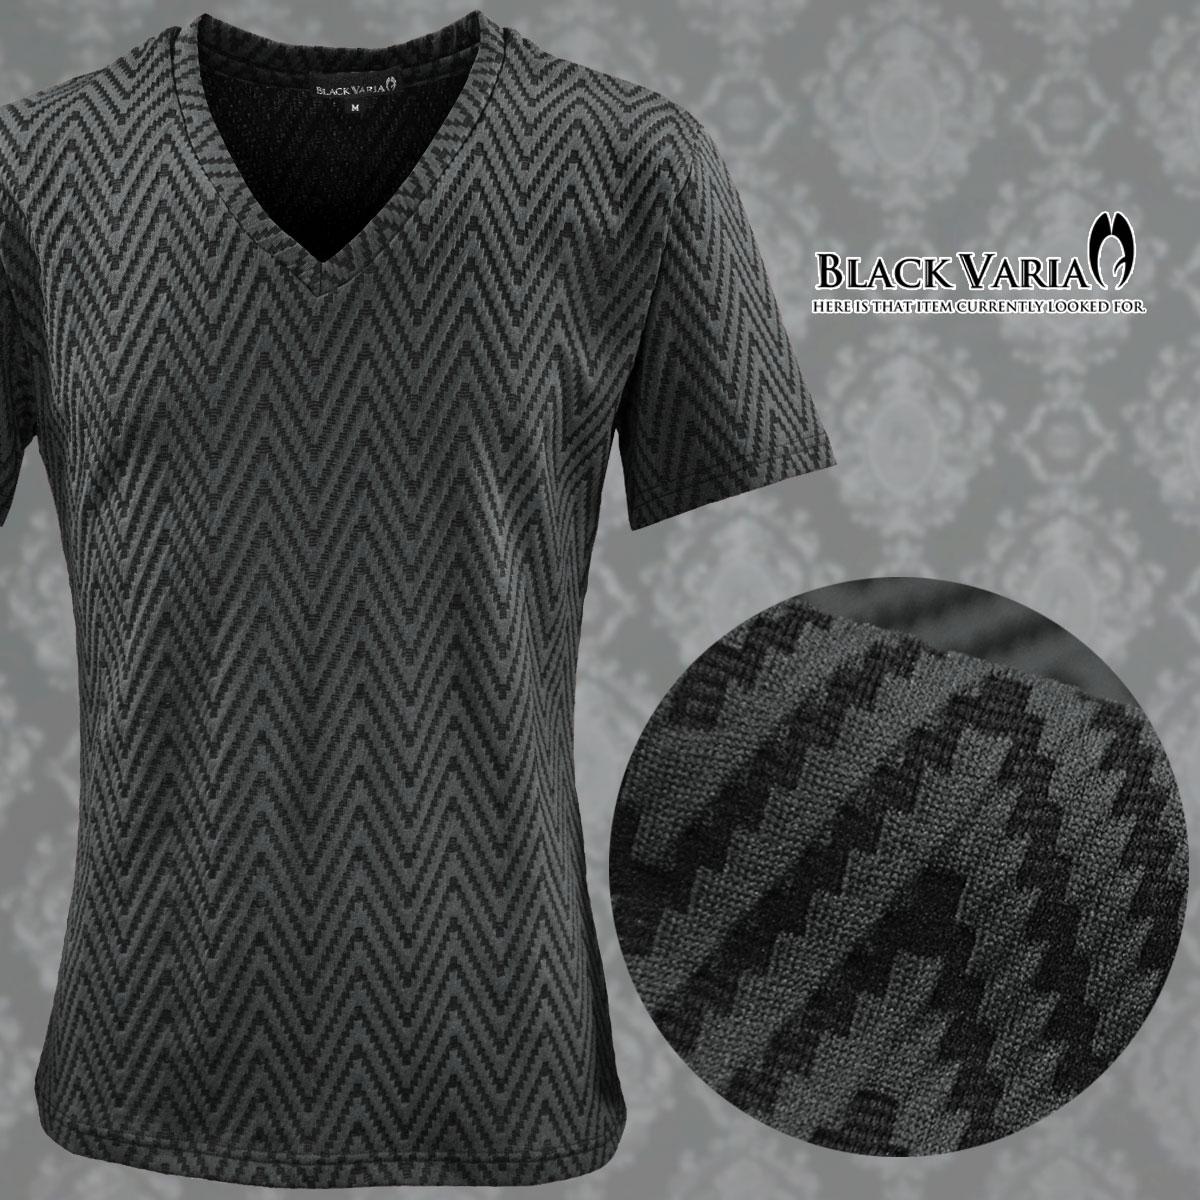 Tシャツ ジグザグ ボーダー Vネック 半袖Tシャツ メンズ(グレー灰ブラック黒)